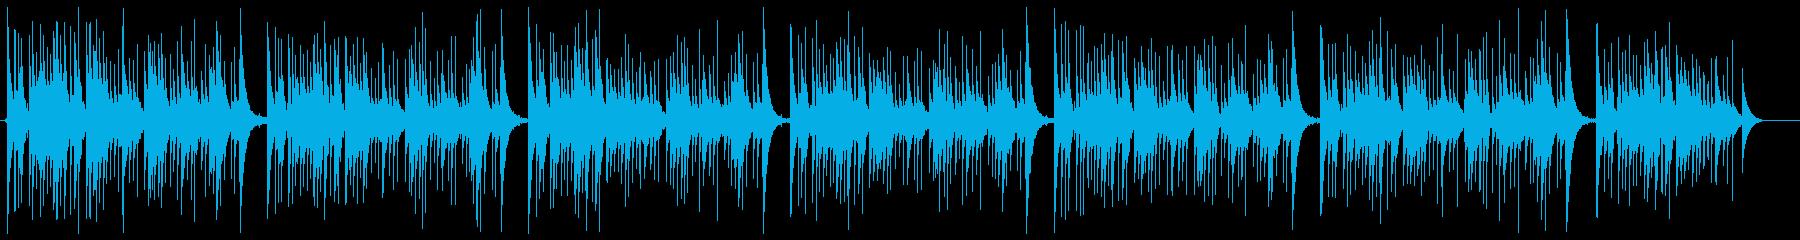 【生録音】オルゴール-カノン-01の再生済みの波形